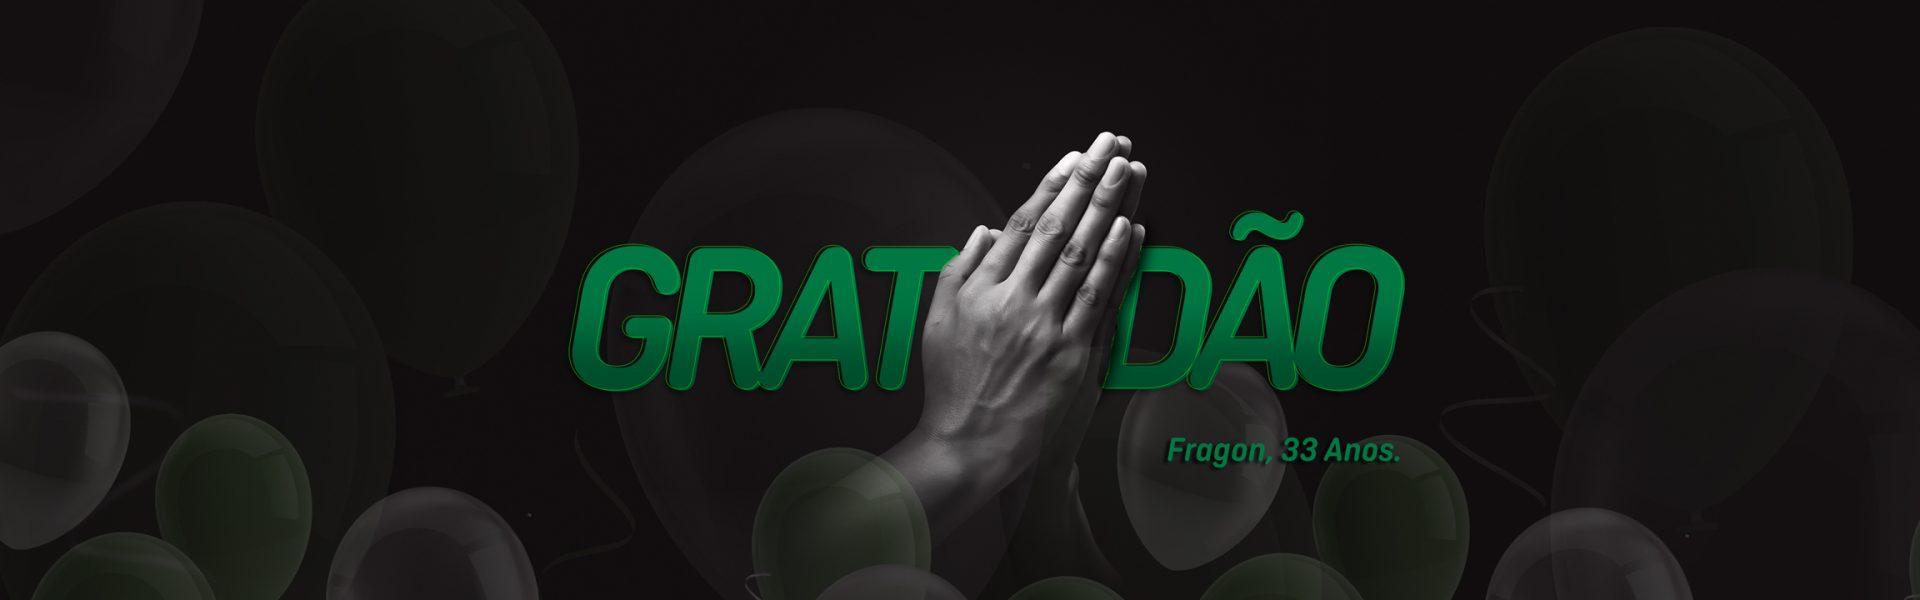 Gratidão é a palavra que traduz nosso sentimento por mais um ano de superação, evolução e conquistas.